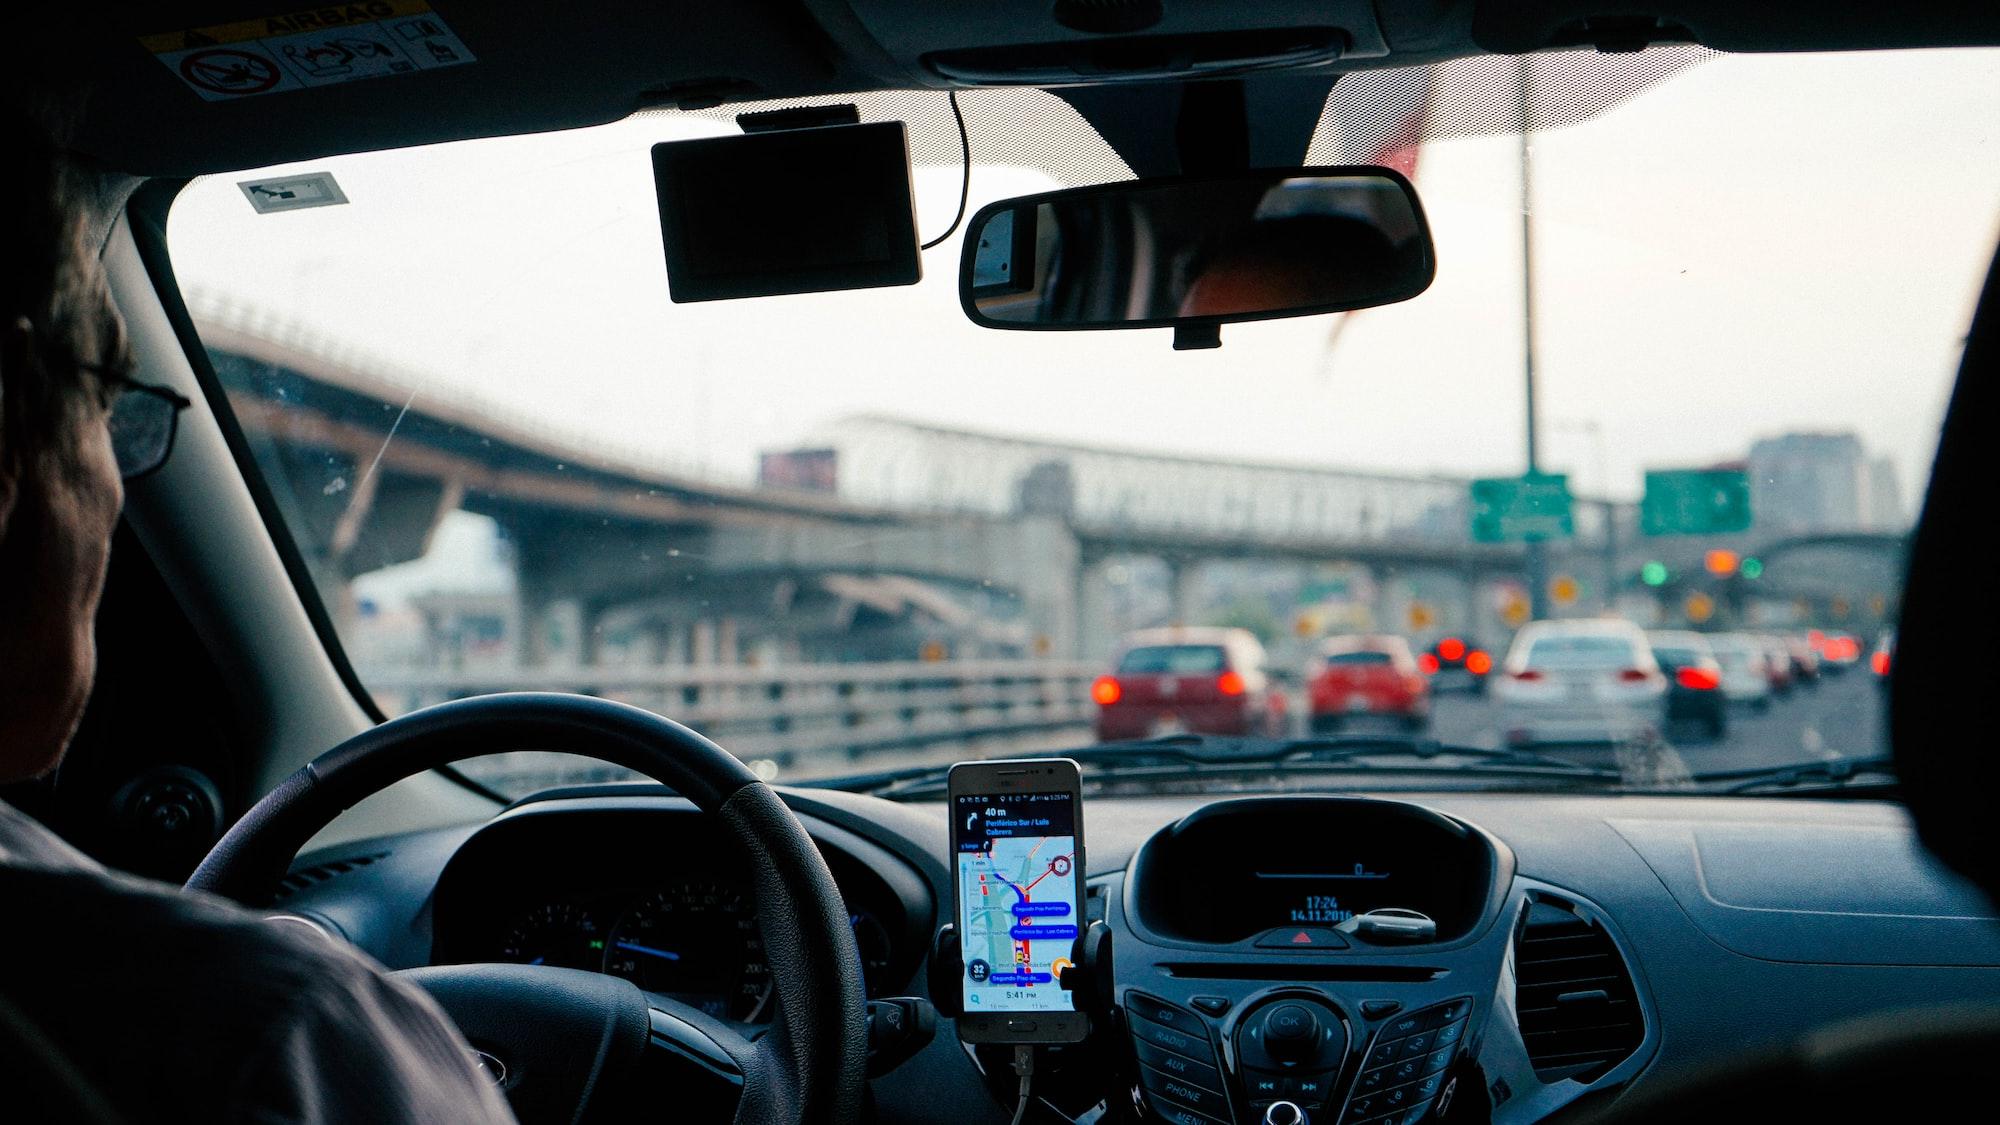 ¿Como funciona el seguro para repartidores de Uber o Lyft?